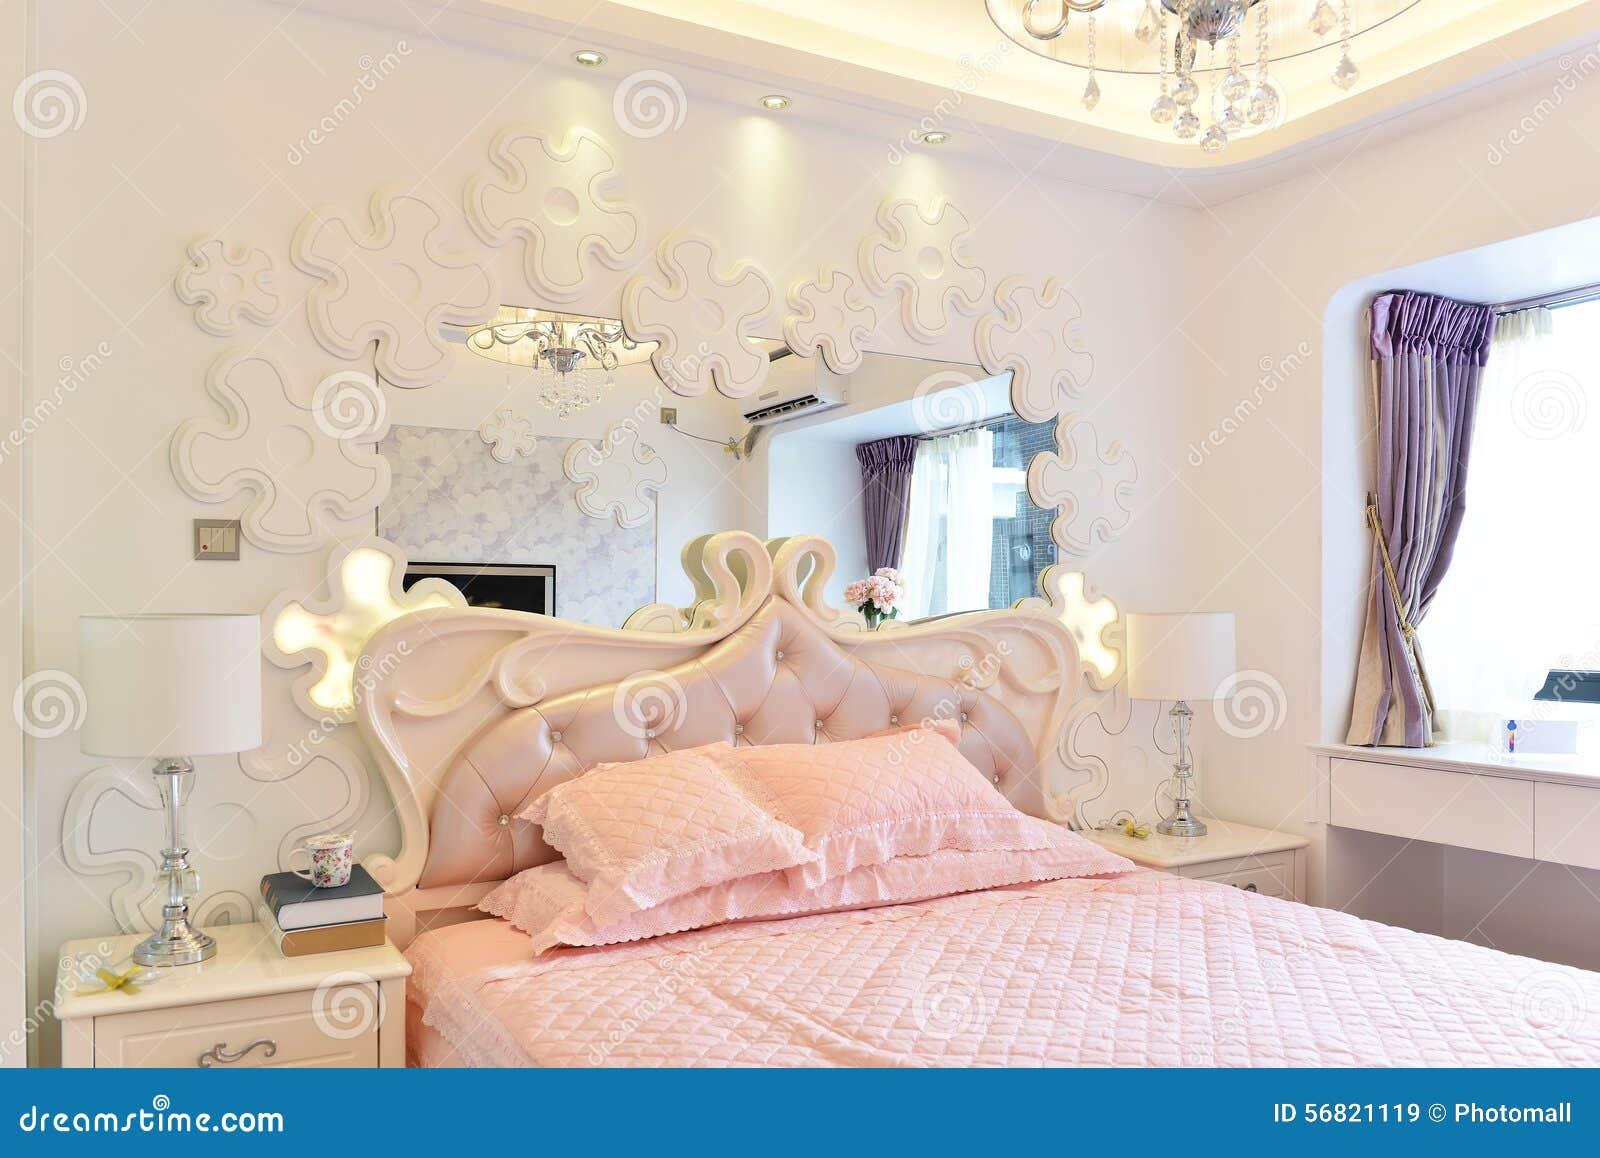 Parete Camera Da Letto Rosa : Camera da letto rosa immagine stock immagine di mobilia